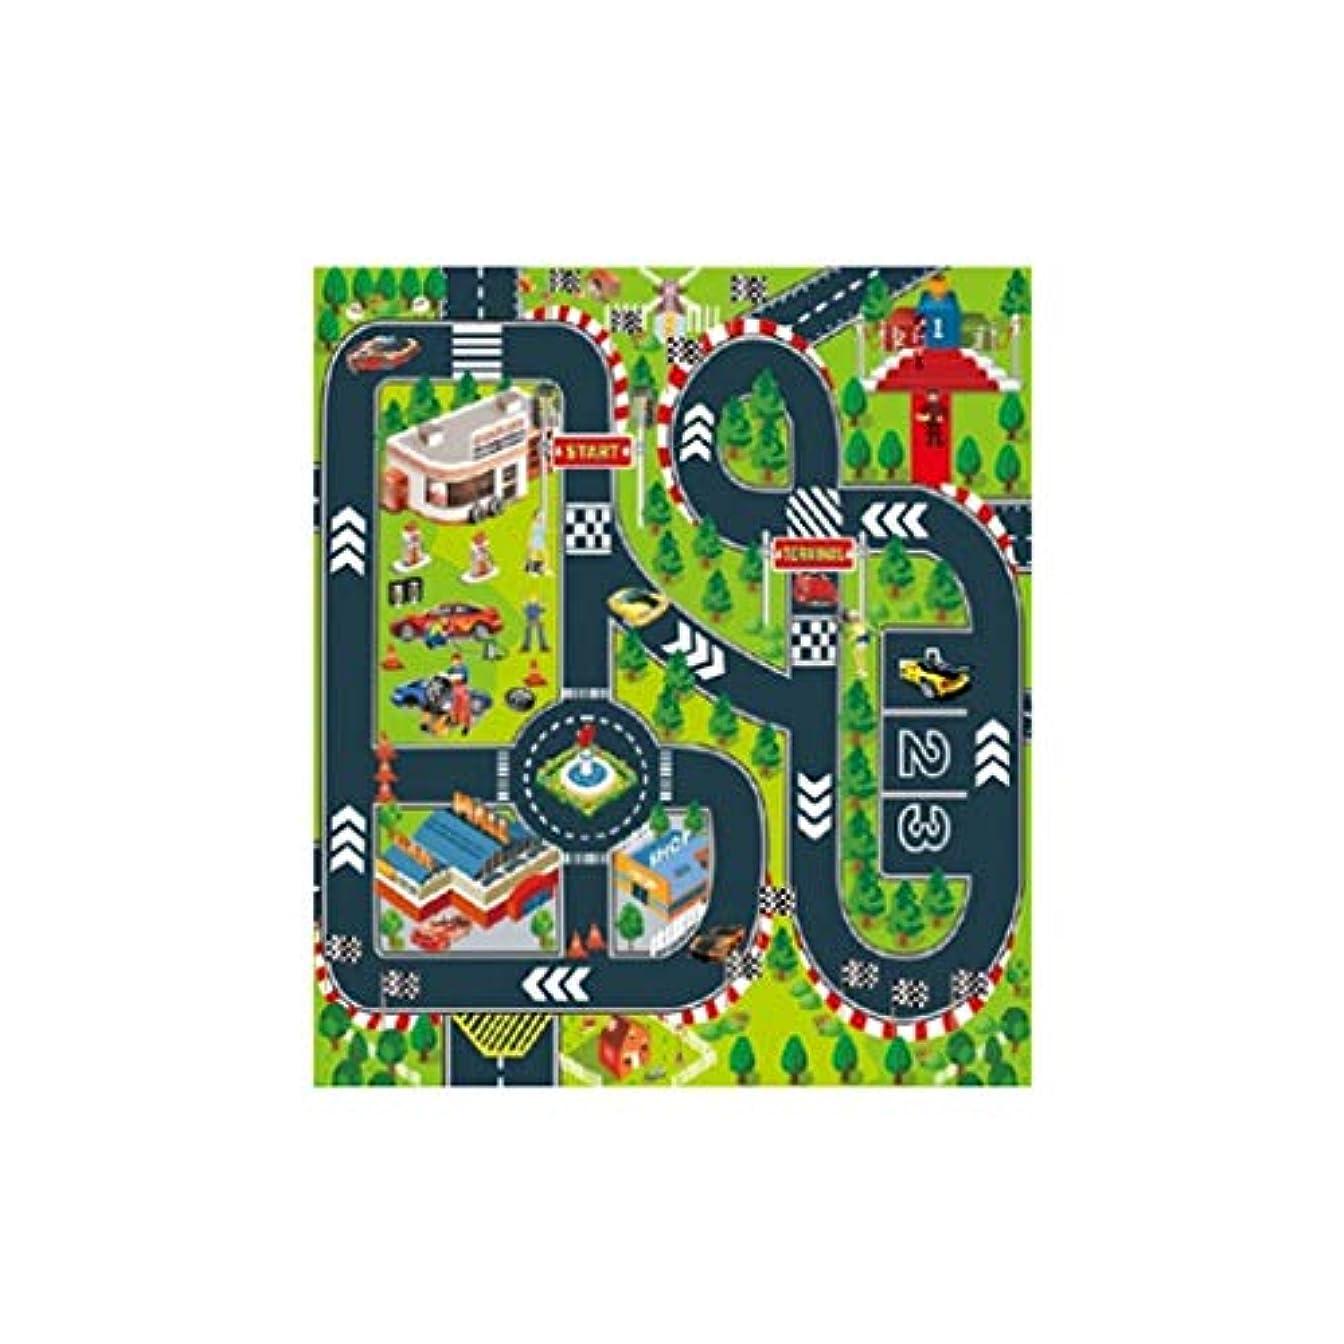 複雑な真面目な飾るLazayyii キッズラグ 交通カーペットマット 子どもシーン教育 (A)